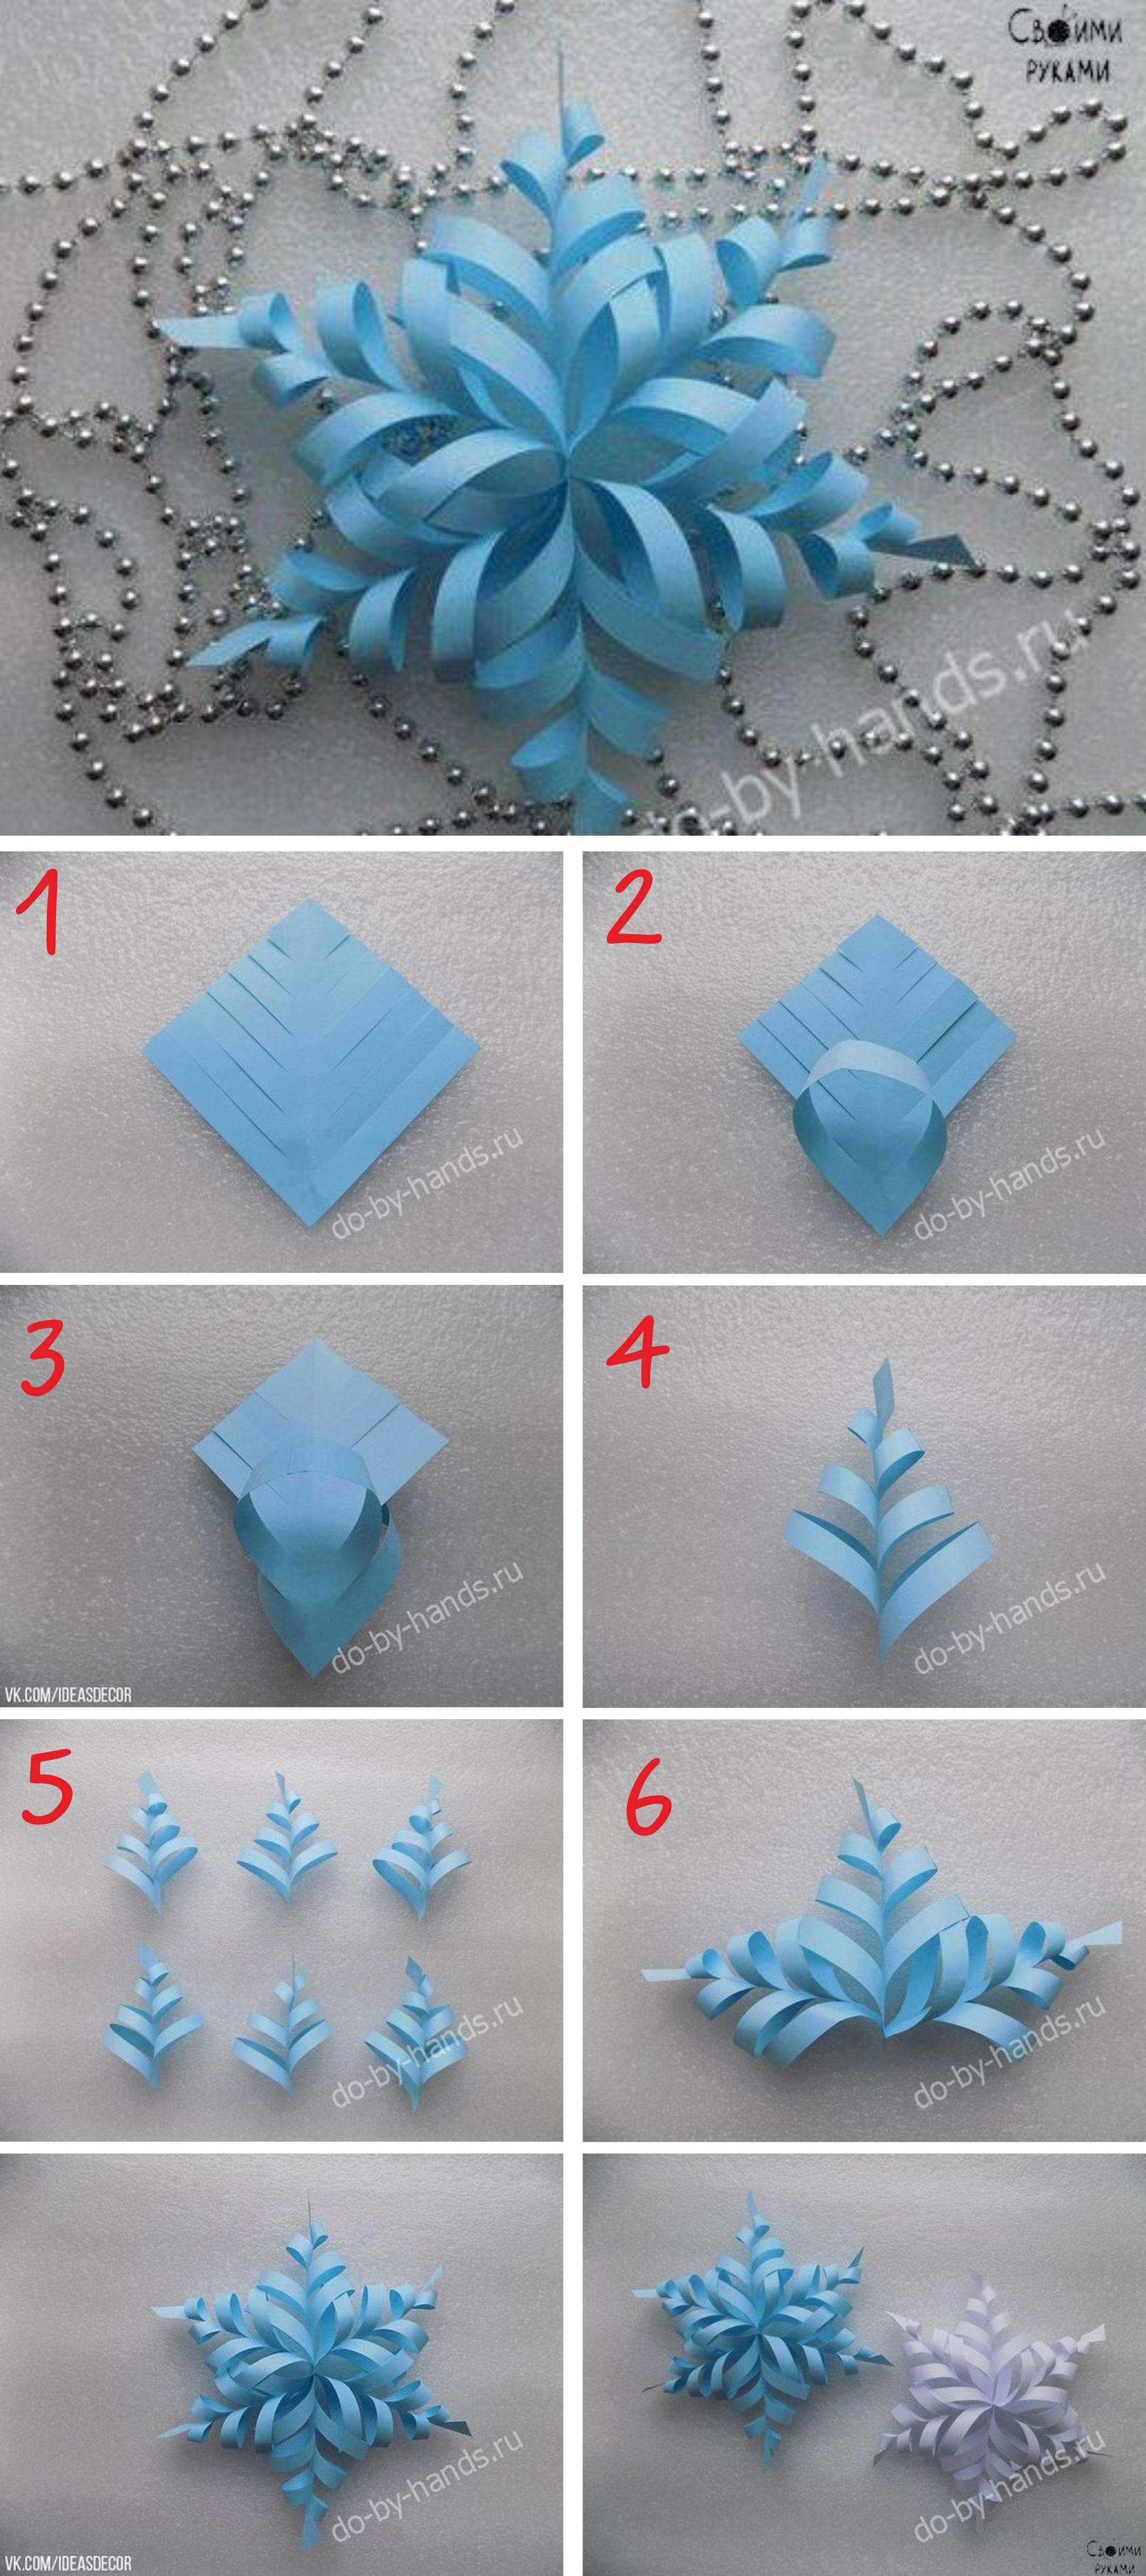 Снежинка из шести квадратиков бумаги, каждый размером 9х9